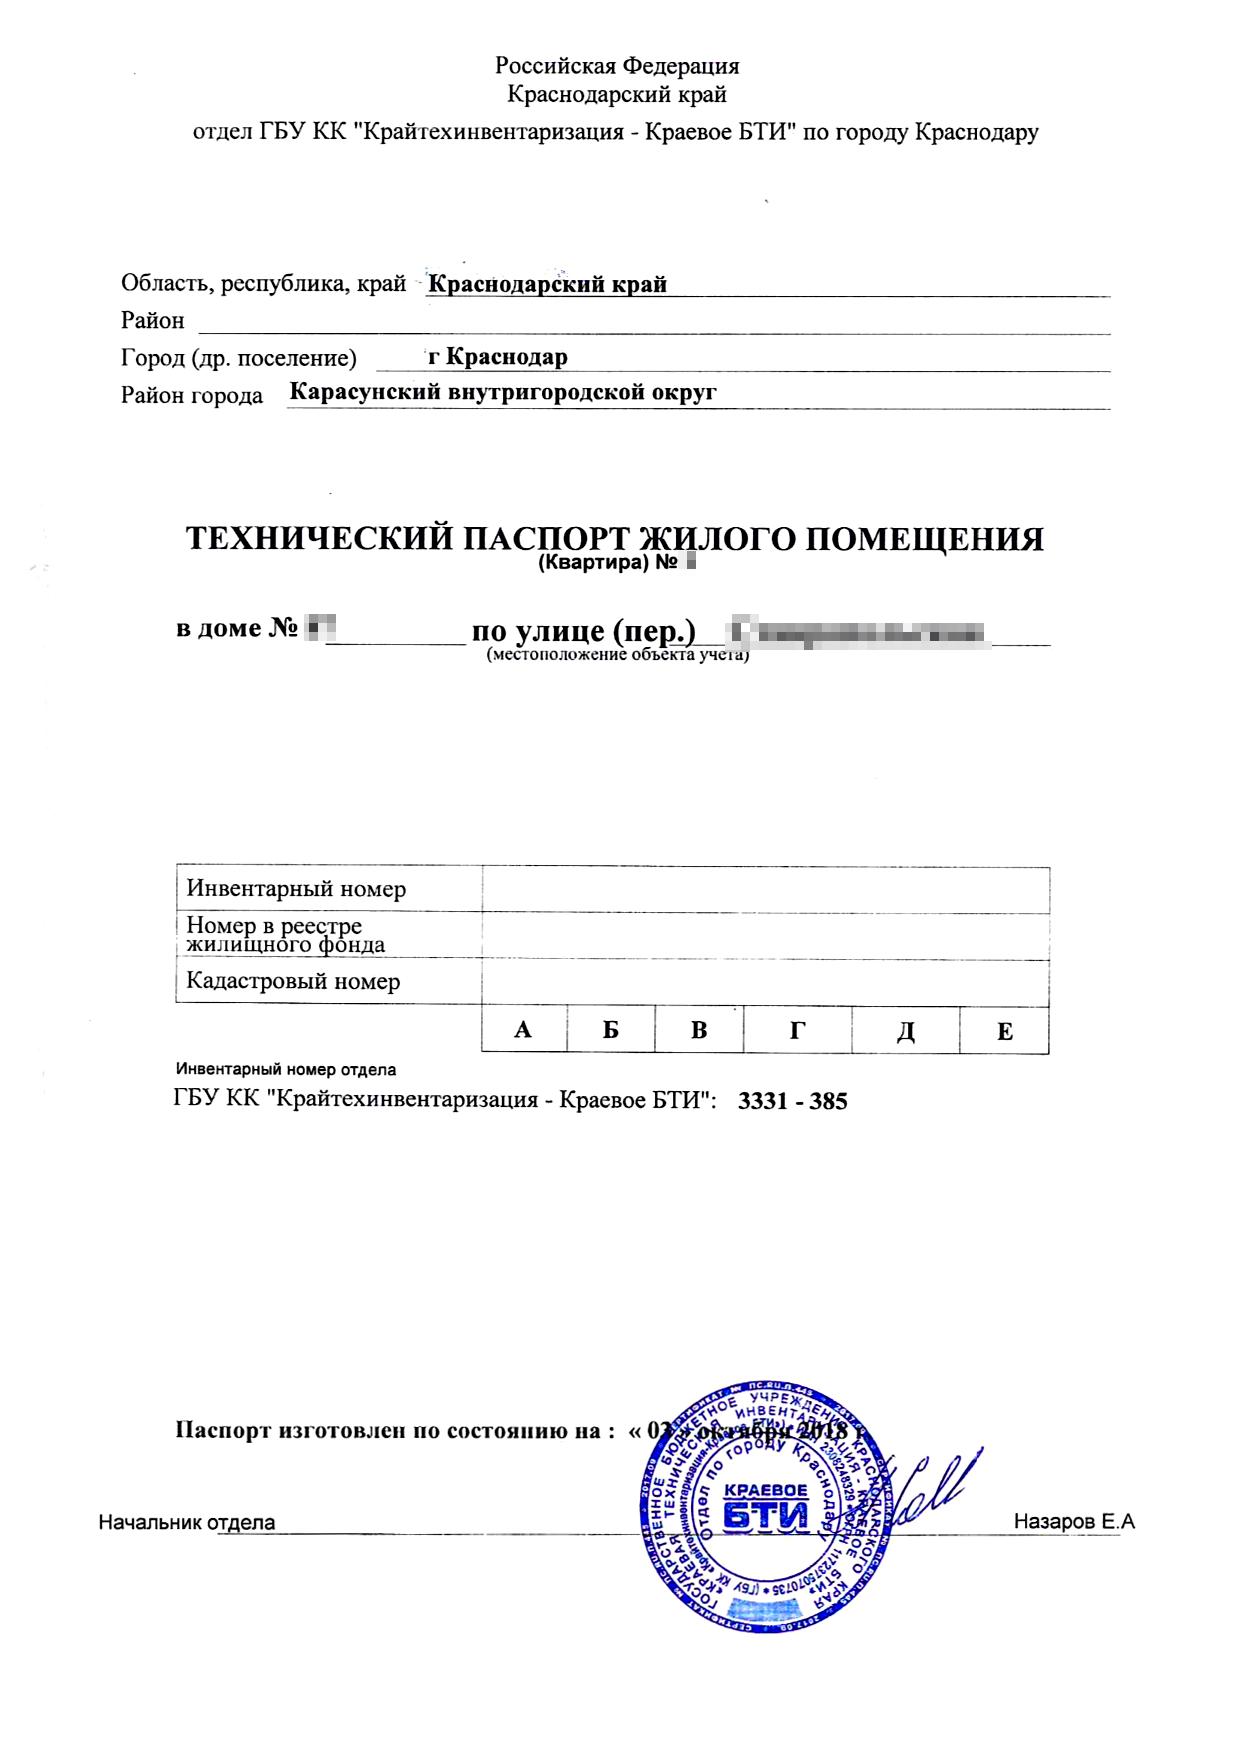 Так может выглядеть первая страница технического паспорта